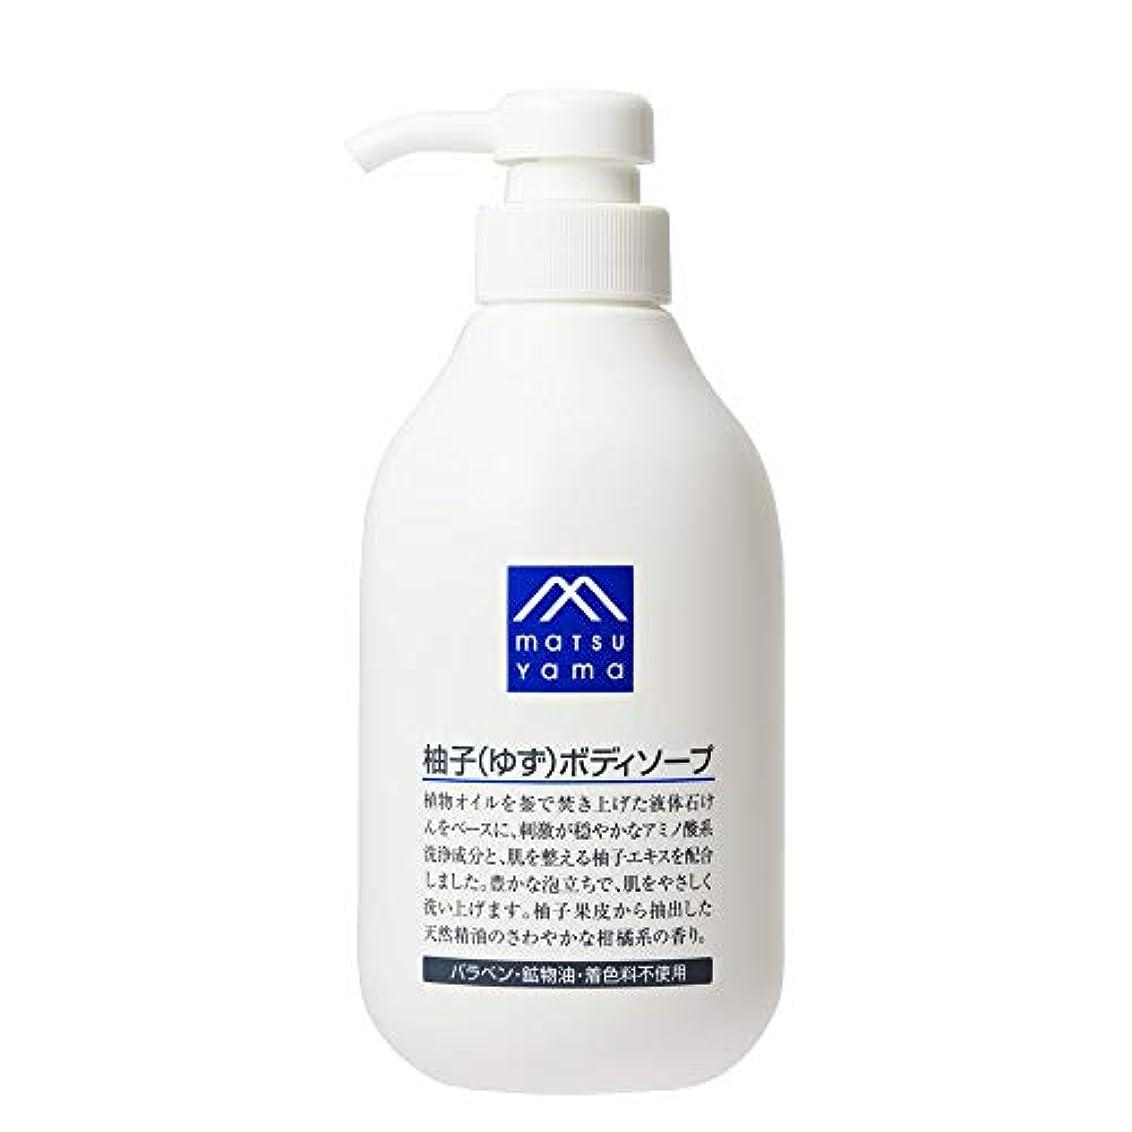 スケルトン変える環境に優しいM-mark 柚子(ゆず)ボディソープ